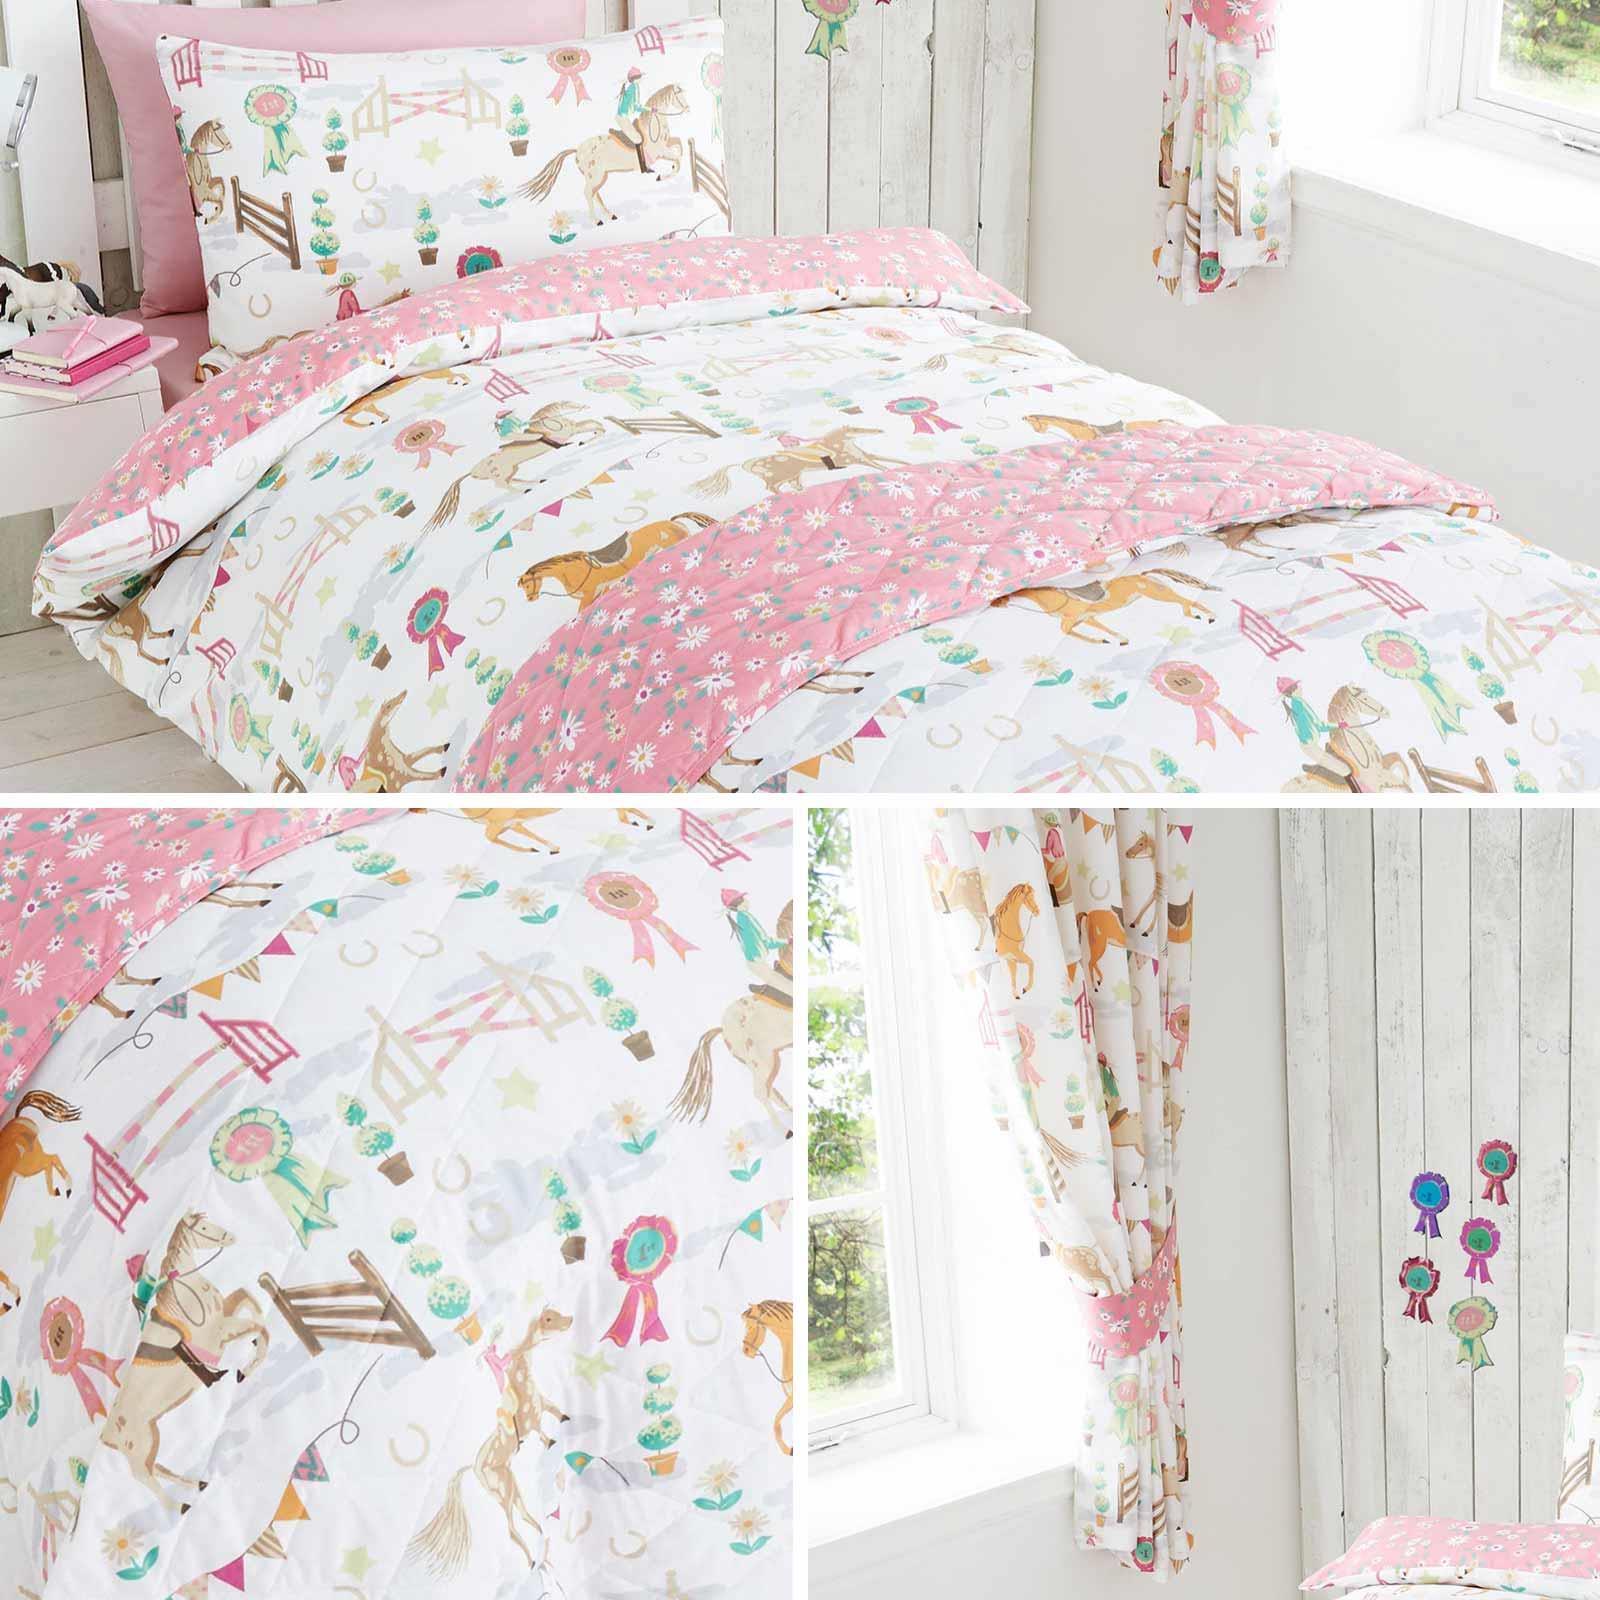 Pink Duvet Covers Horses Horse Show Polka Dot Girls Kids Quilt Cover Bedding Set Ebay